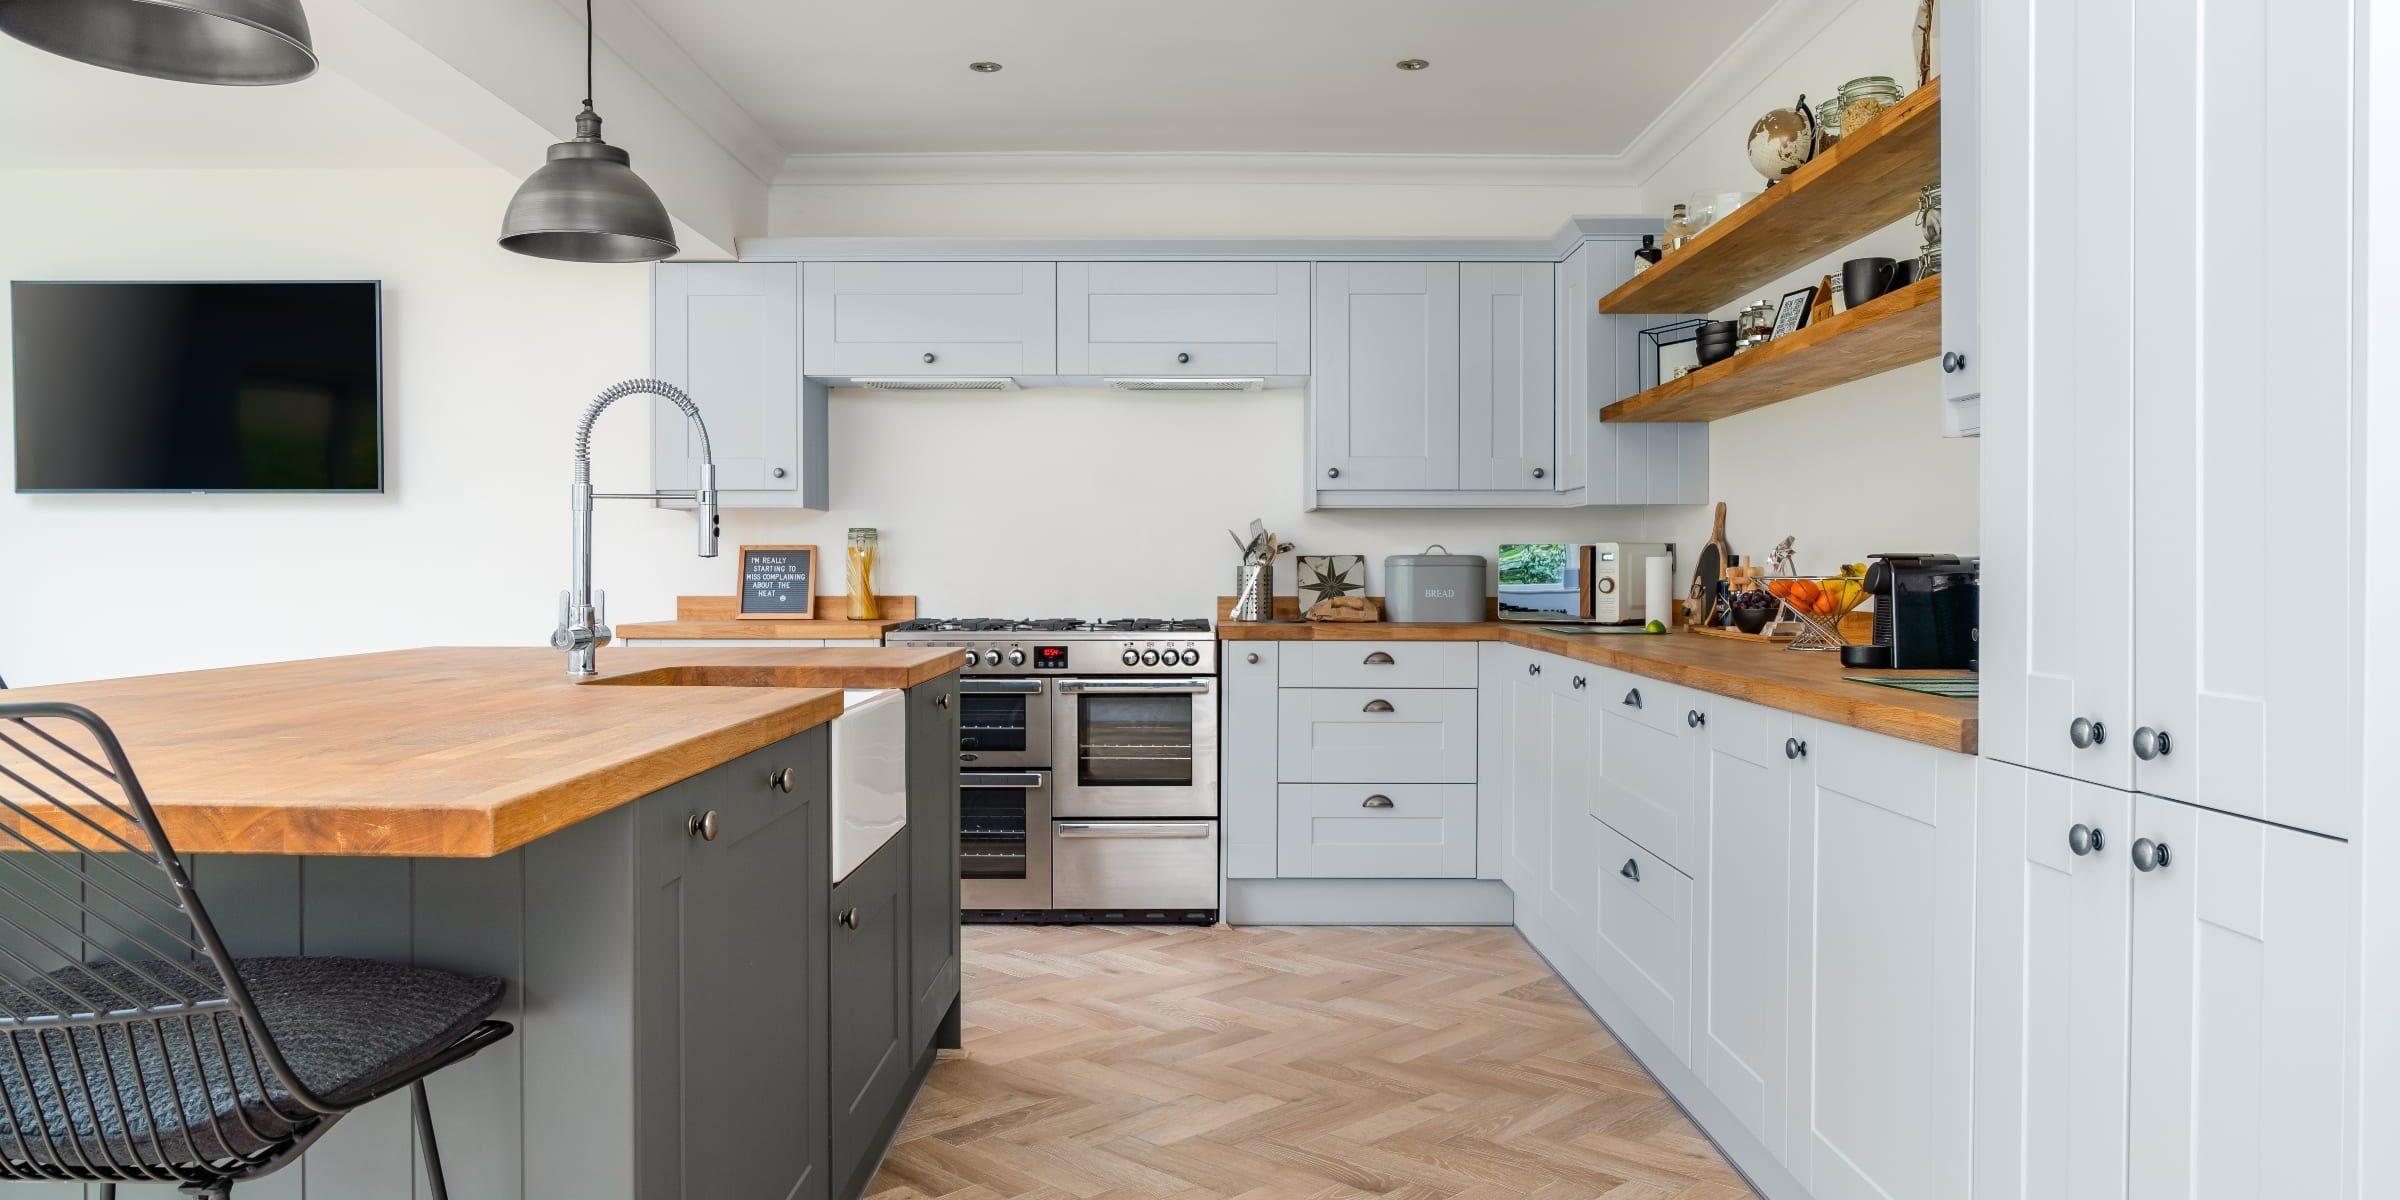 kitchen design in Dorset